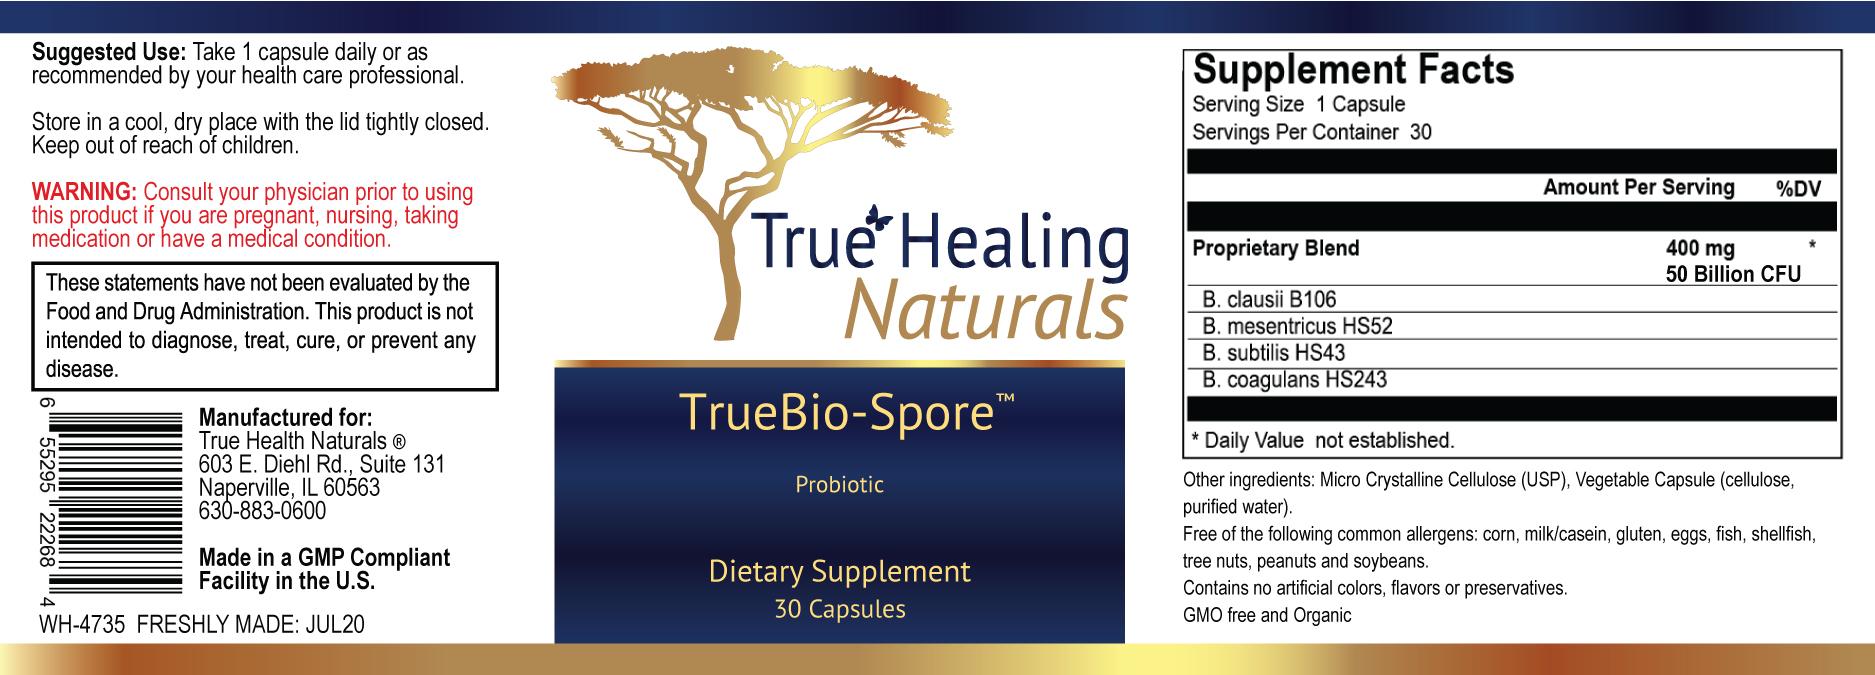 TrueBio-Spore label